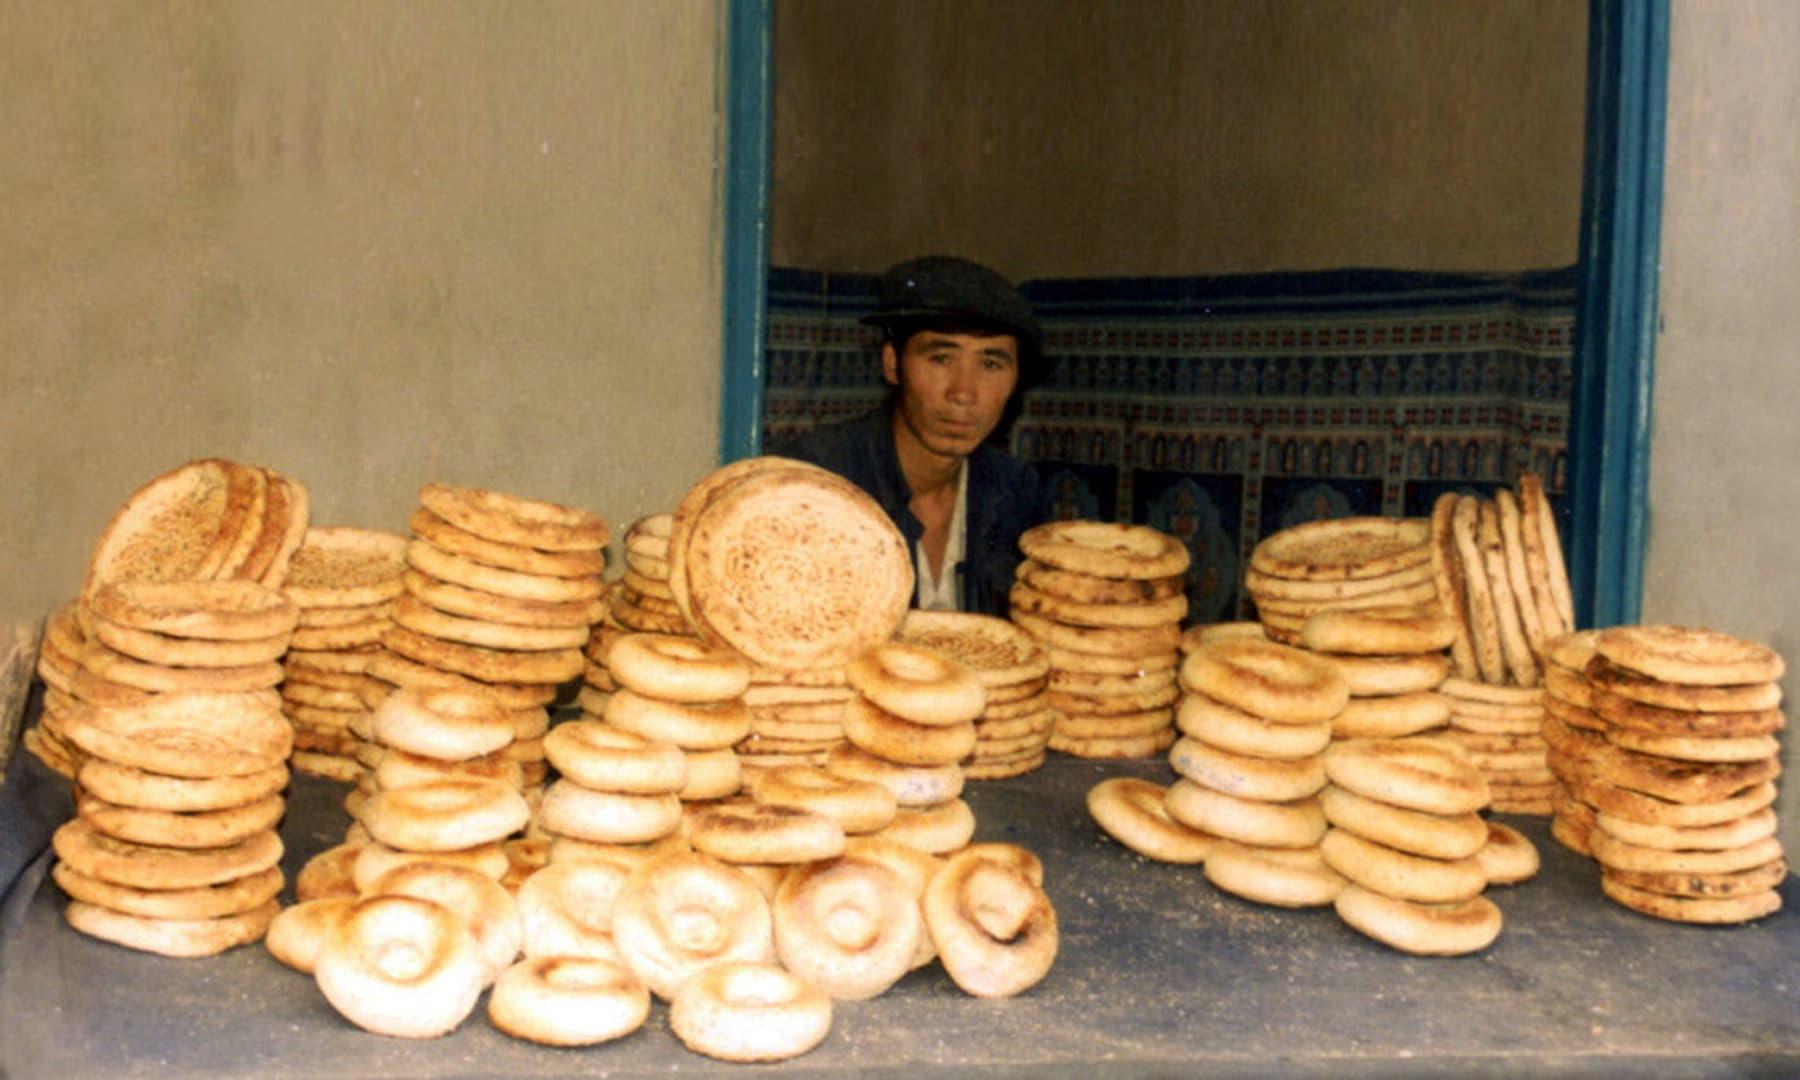 1987 میں کاشغر میں ایک نان کی دکان—تصویر عبیداللہ کیہر